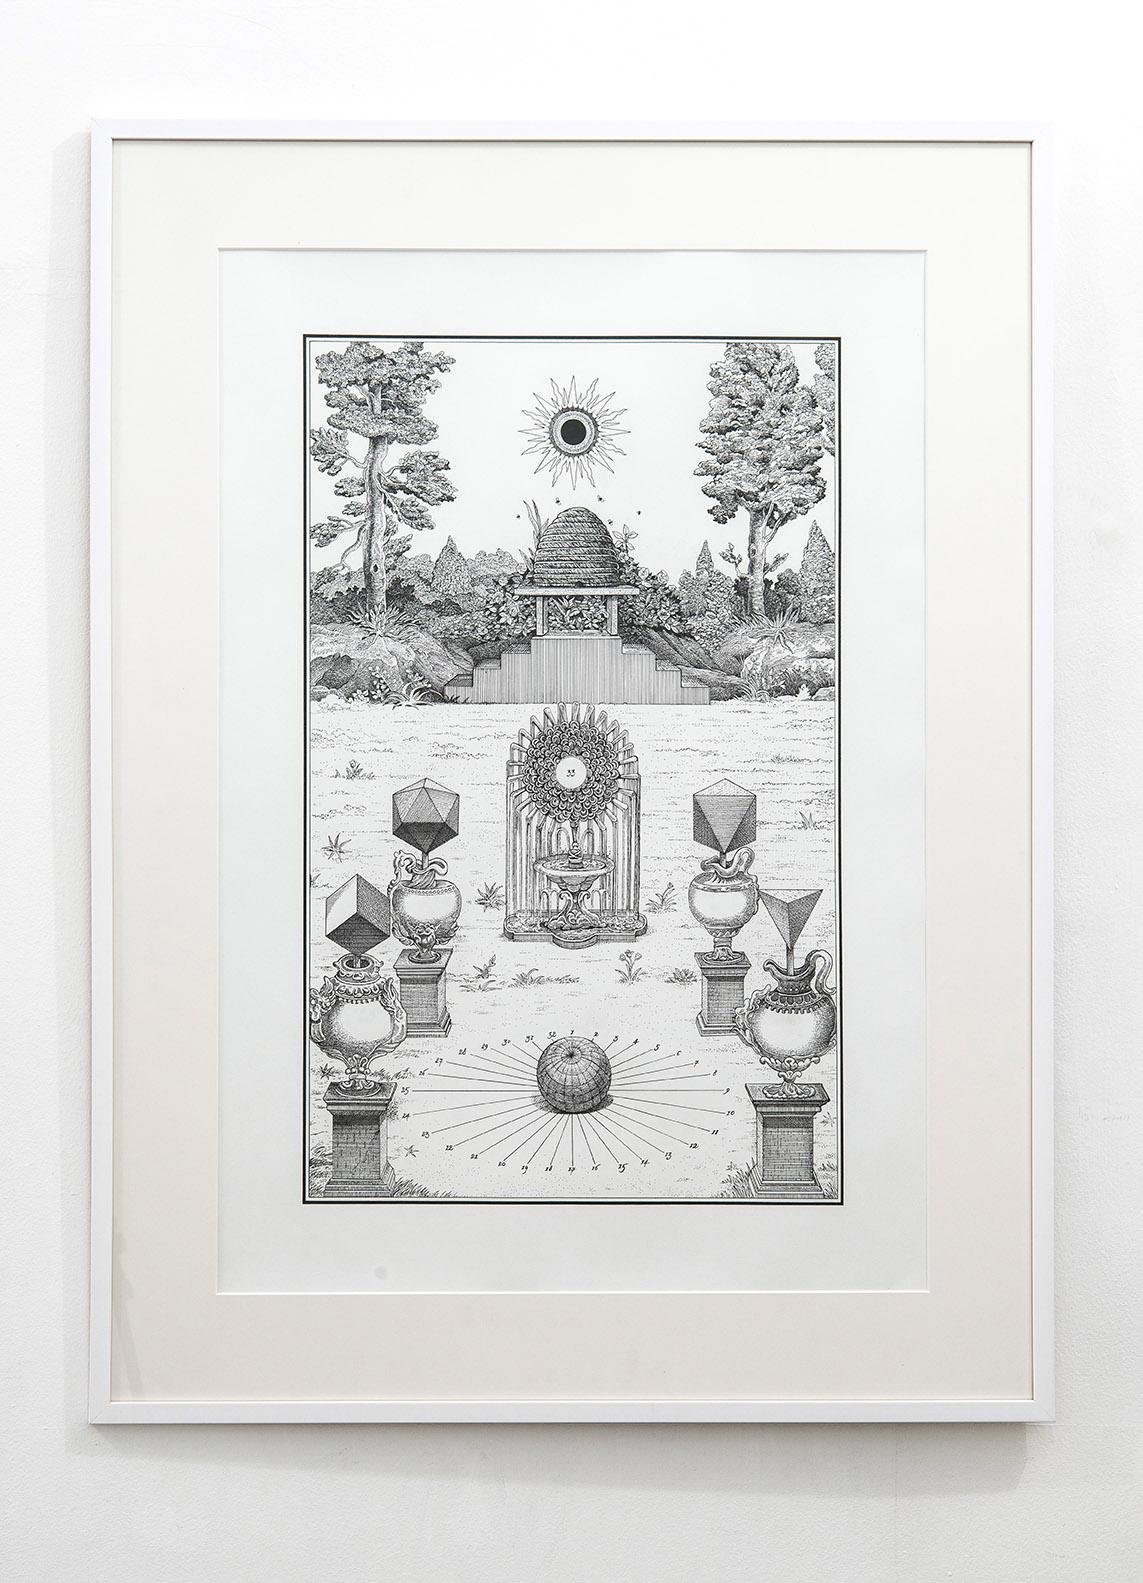 Jakub Woynarowski Apiaria I, 2017, disegno inchiostro su carta, cm 100 x 70 (con cornice cm 123 x 93), Ed. unica. Courtesy z2o Sara Zanin Gallery, Roma. Ph. Giorgio Benni